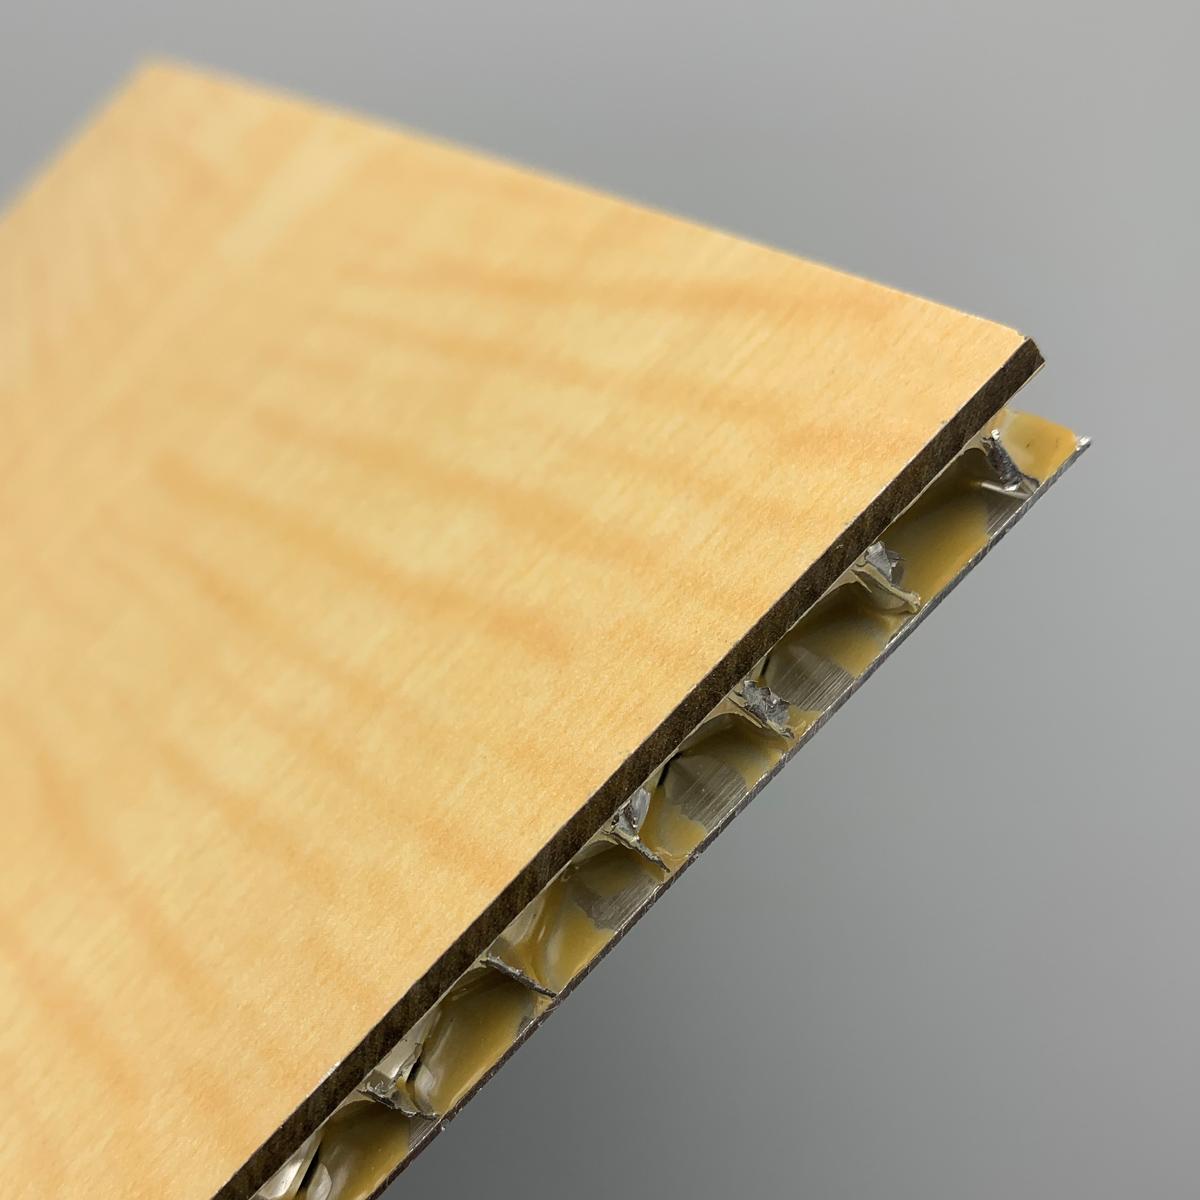 铝蜂窝板抗倍特板面板隔断门板专用抗菌板—单面抗倍特板